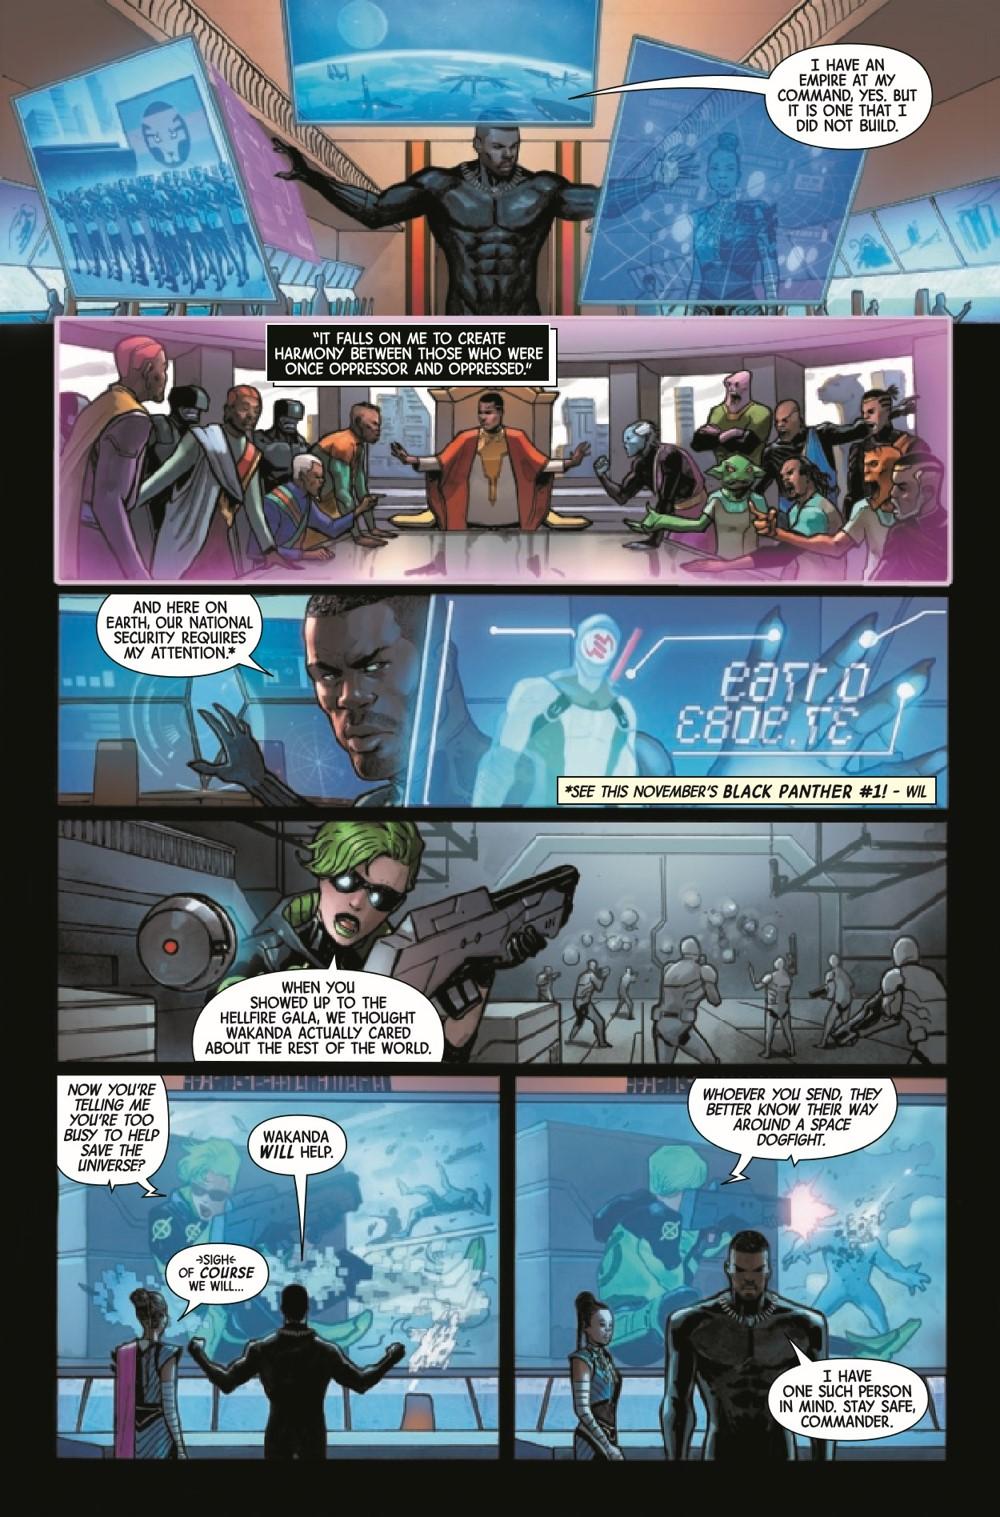 LASTANNIHWA2021001_Preview-6 ComicList Previews: LAST ANNIHILATION WAKANDA #1